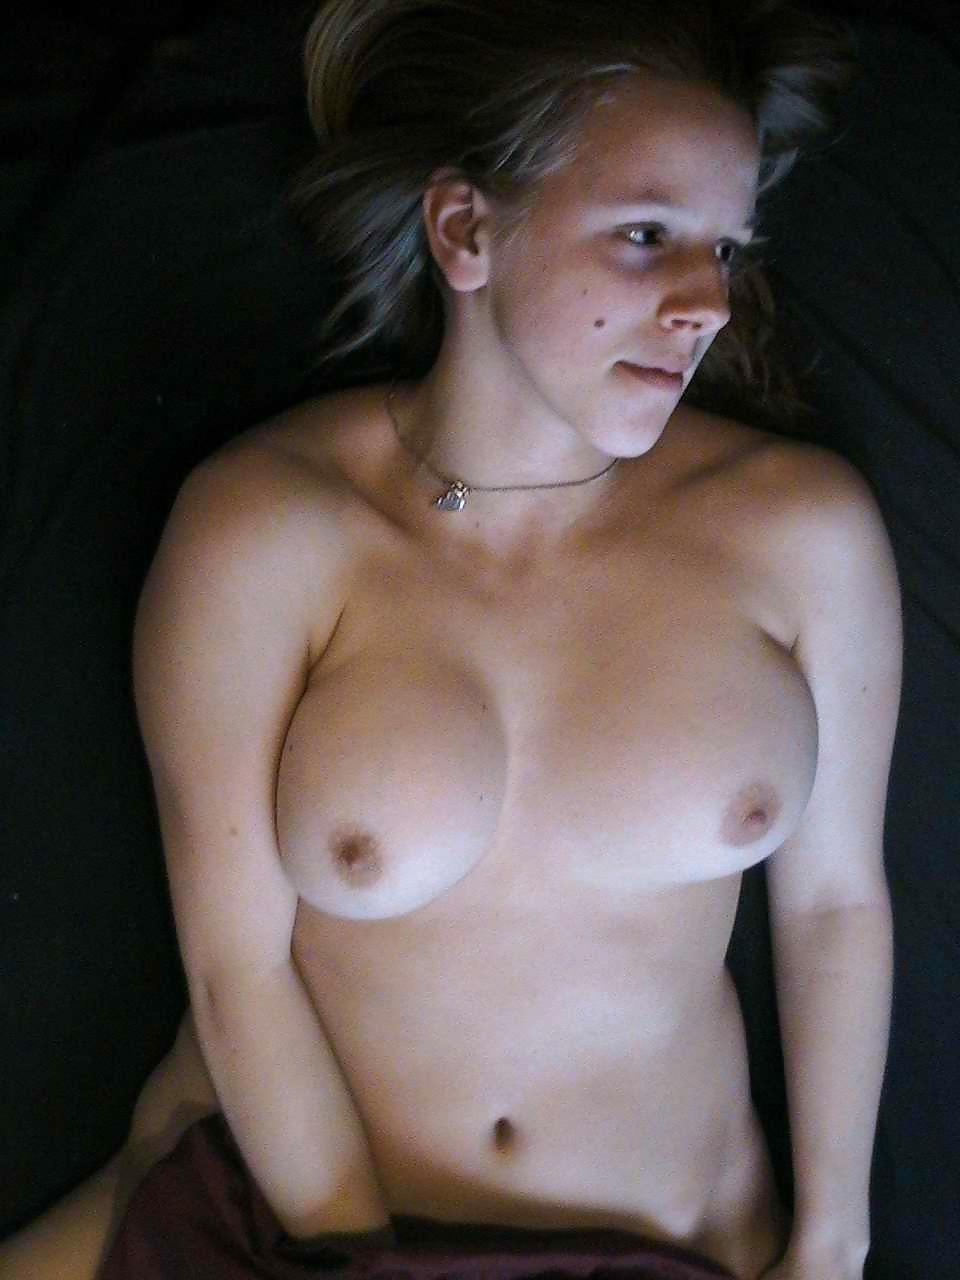 Двадцатилетняя грешница демонстрирует титьки третьего размера перед камерой